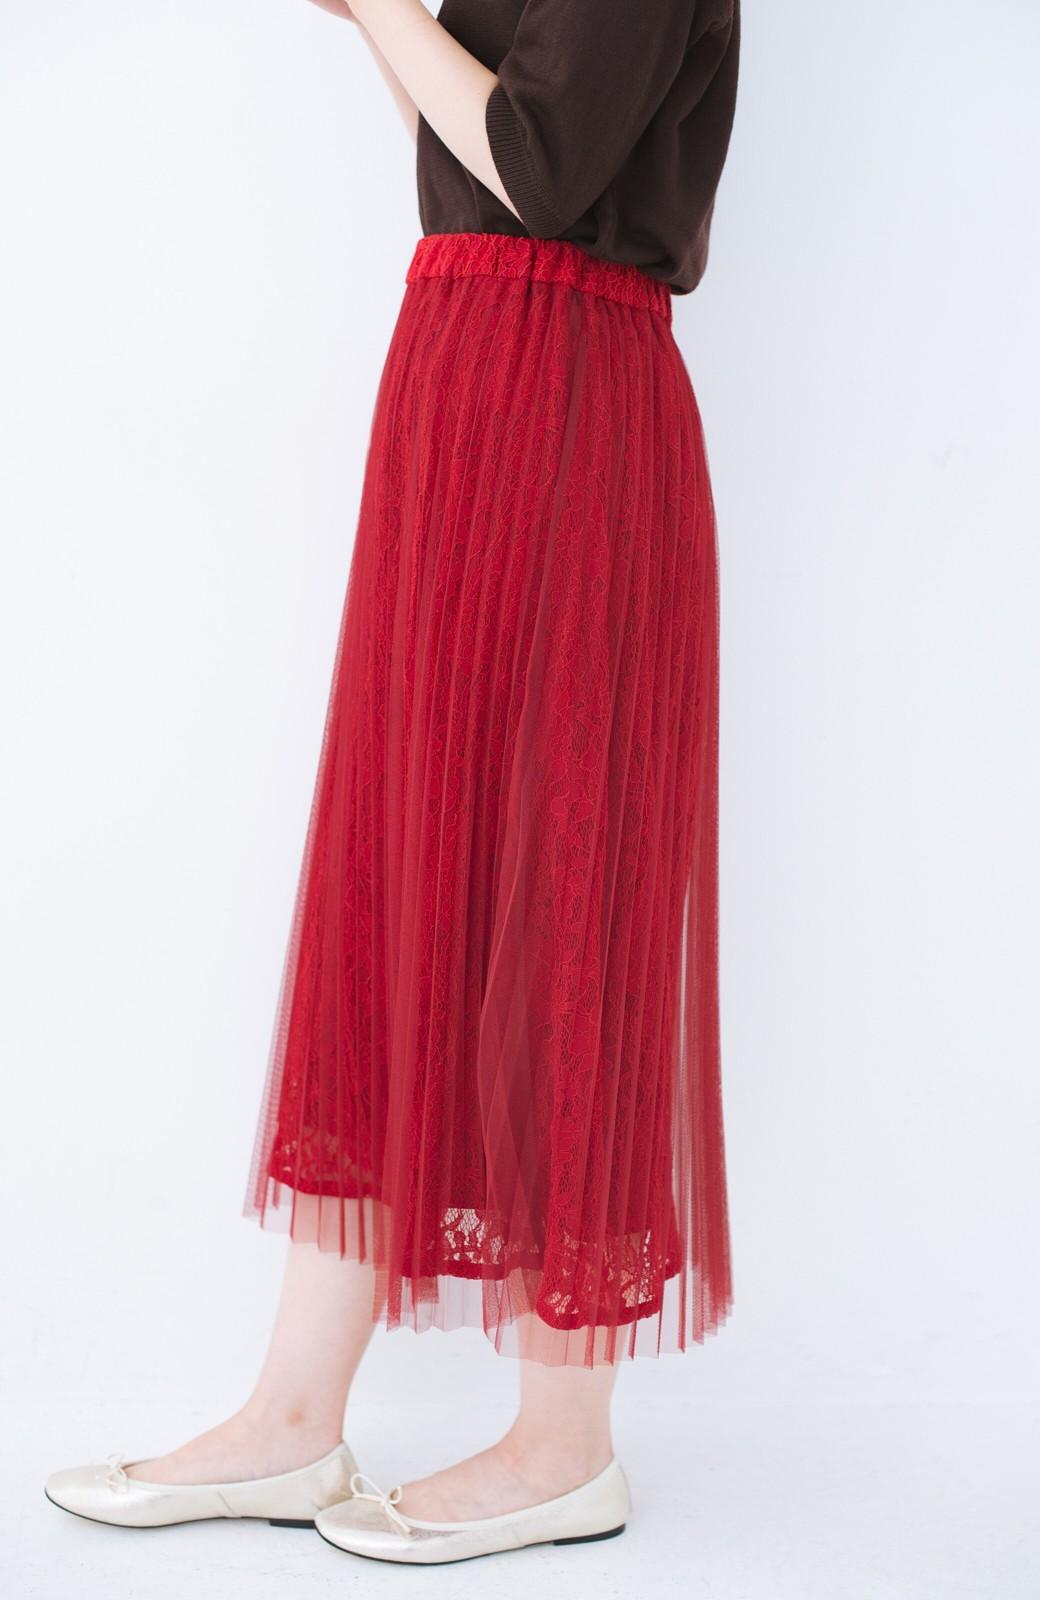 haco! 楽していることがばれない プリーツチュール&レースのスカート <レッド>の商品写真1